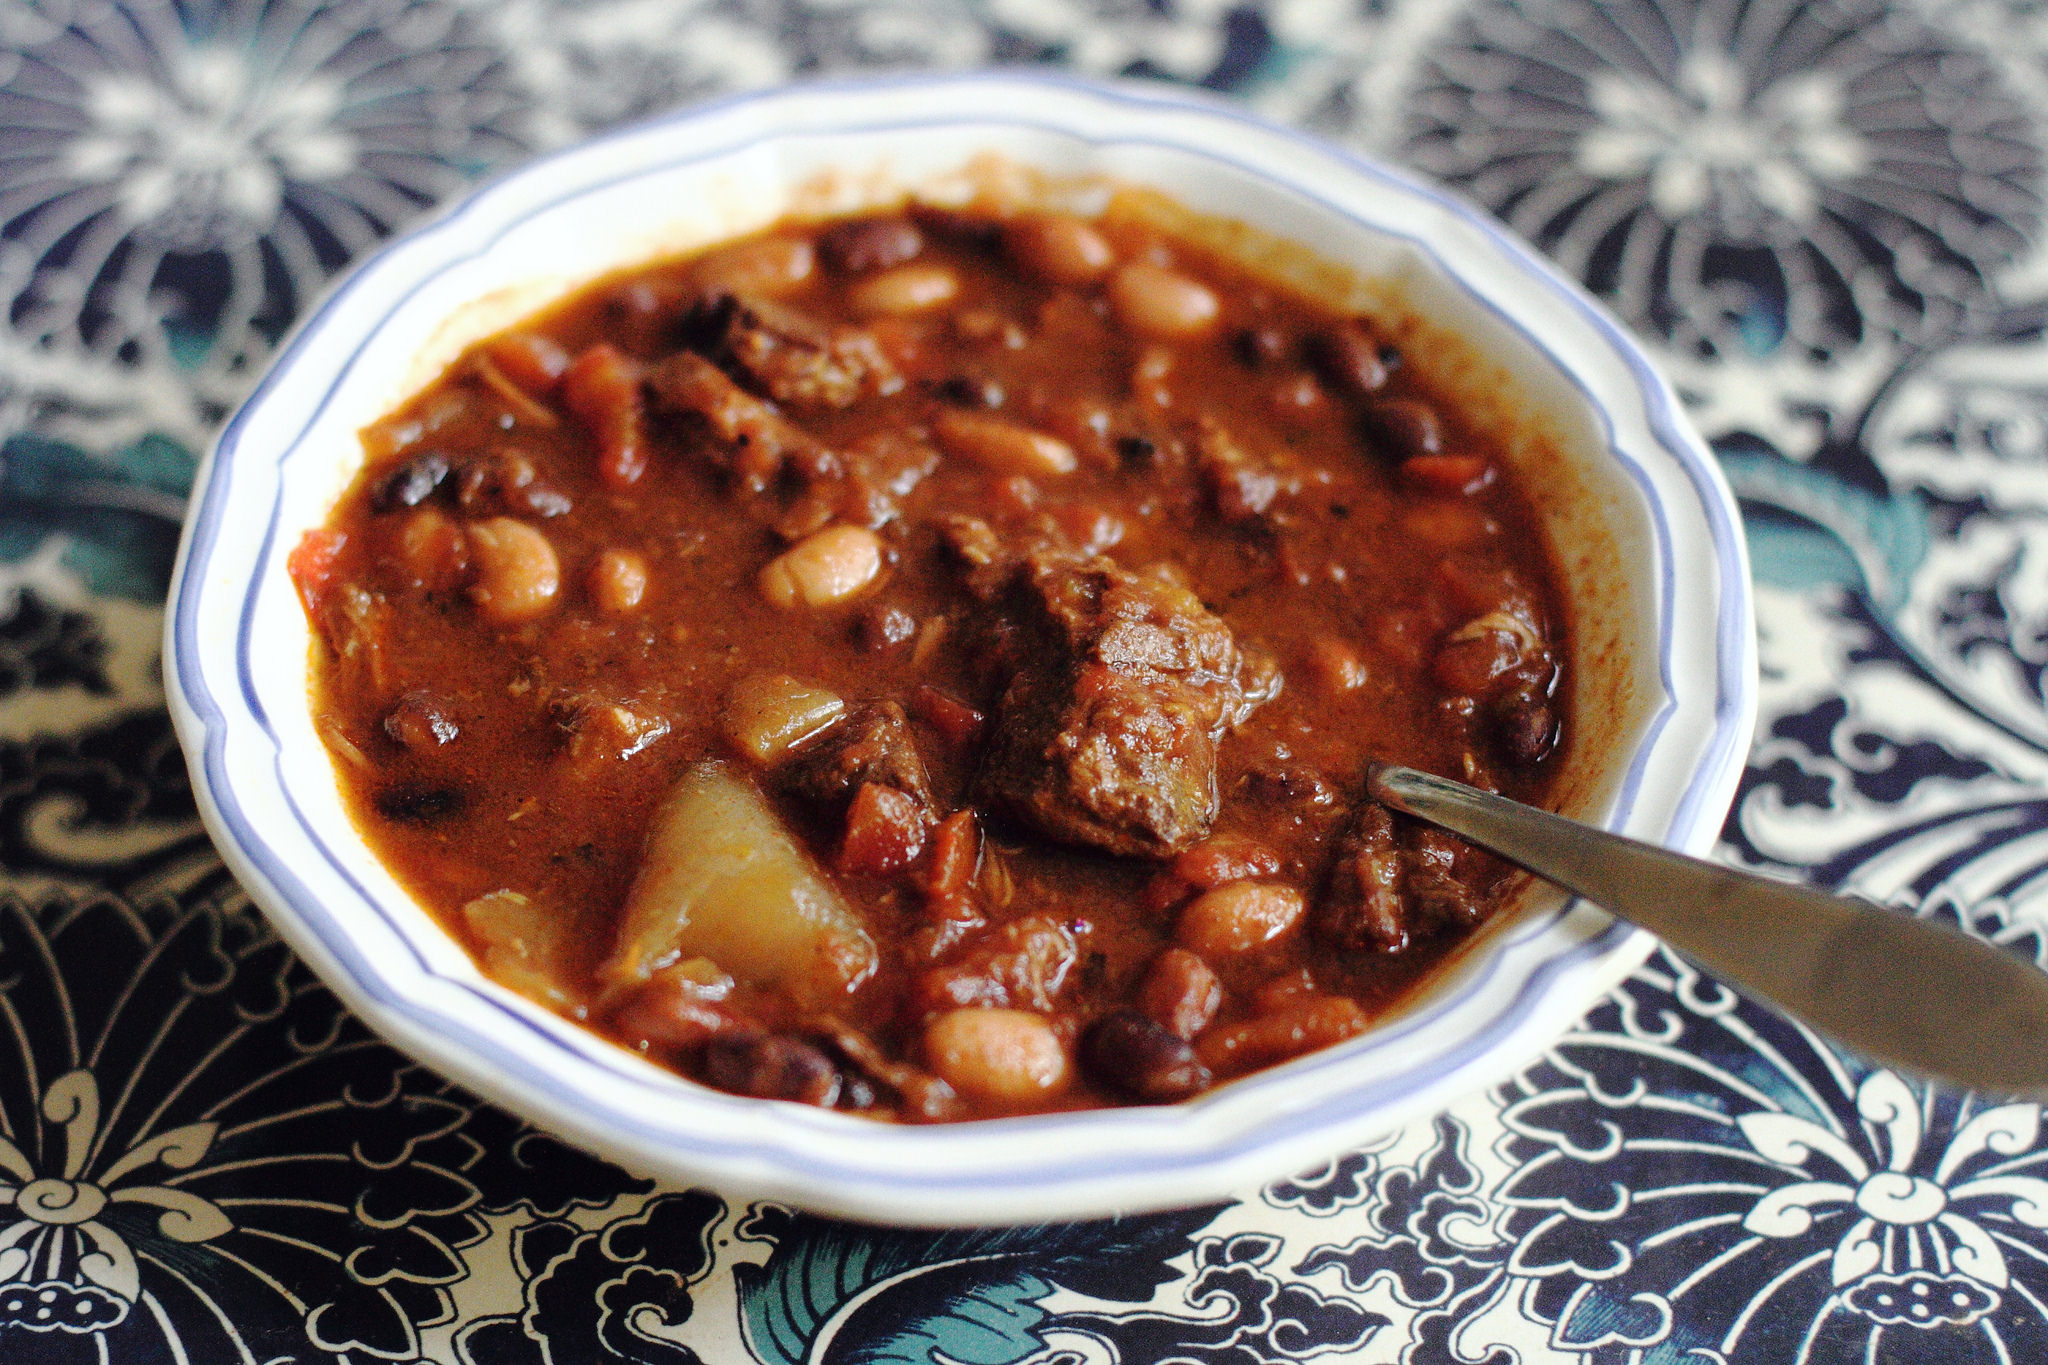 Cowboy Pot Roast